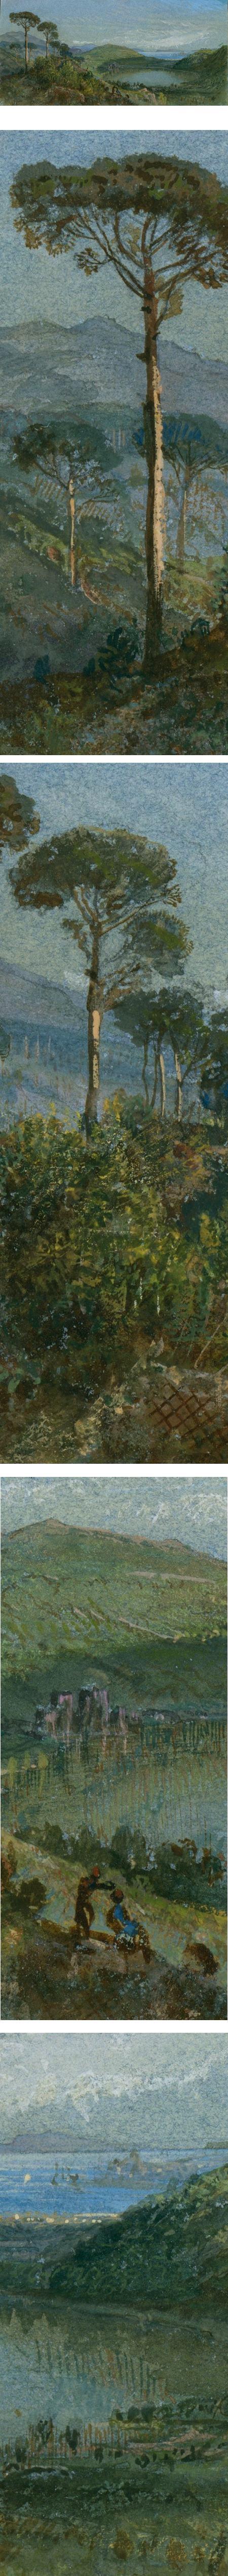 Lago Avernus, William Trost Richards, watercolor and gouache